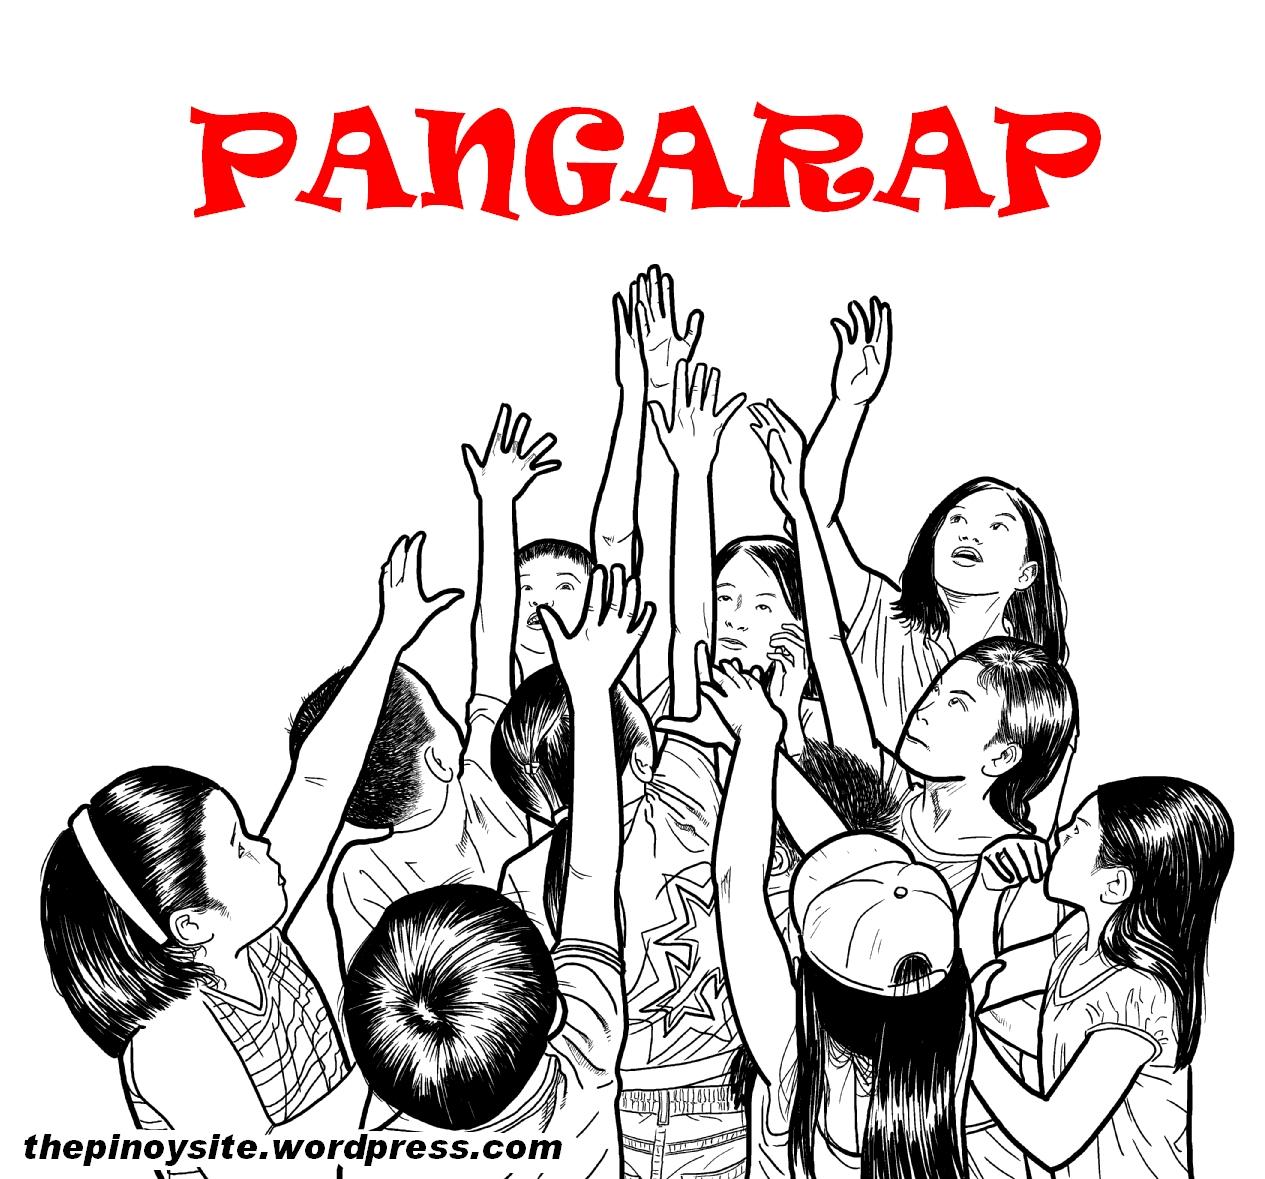 Help! Need Tagalog phrase!?